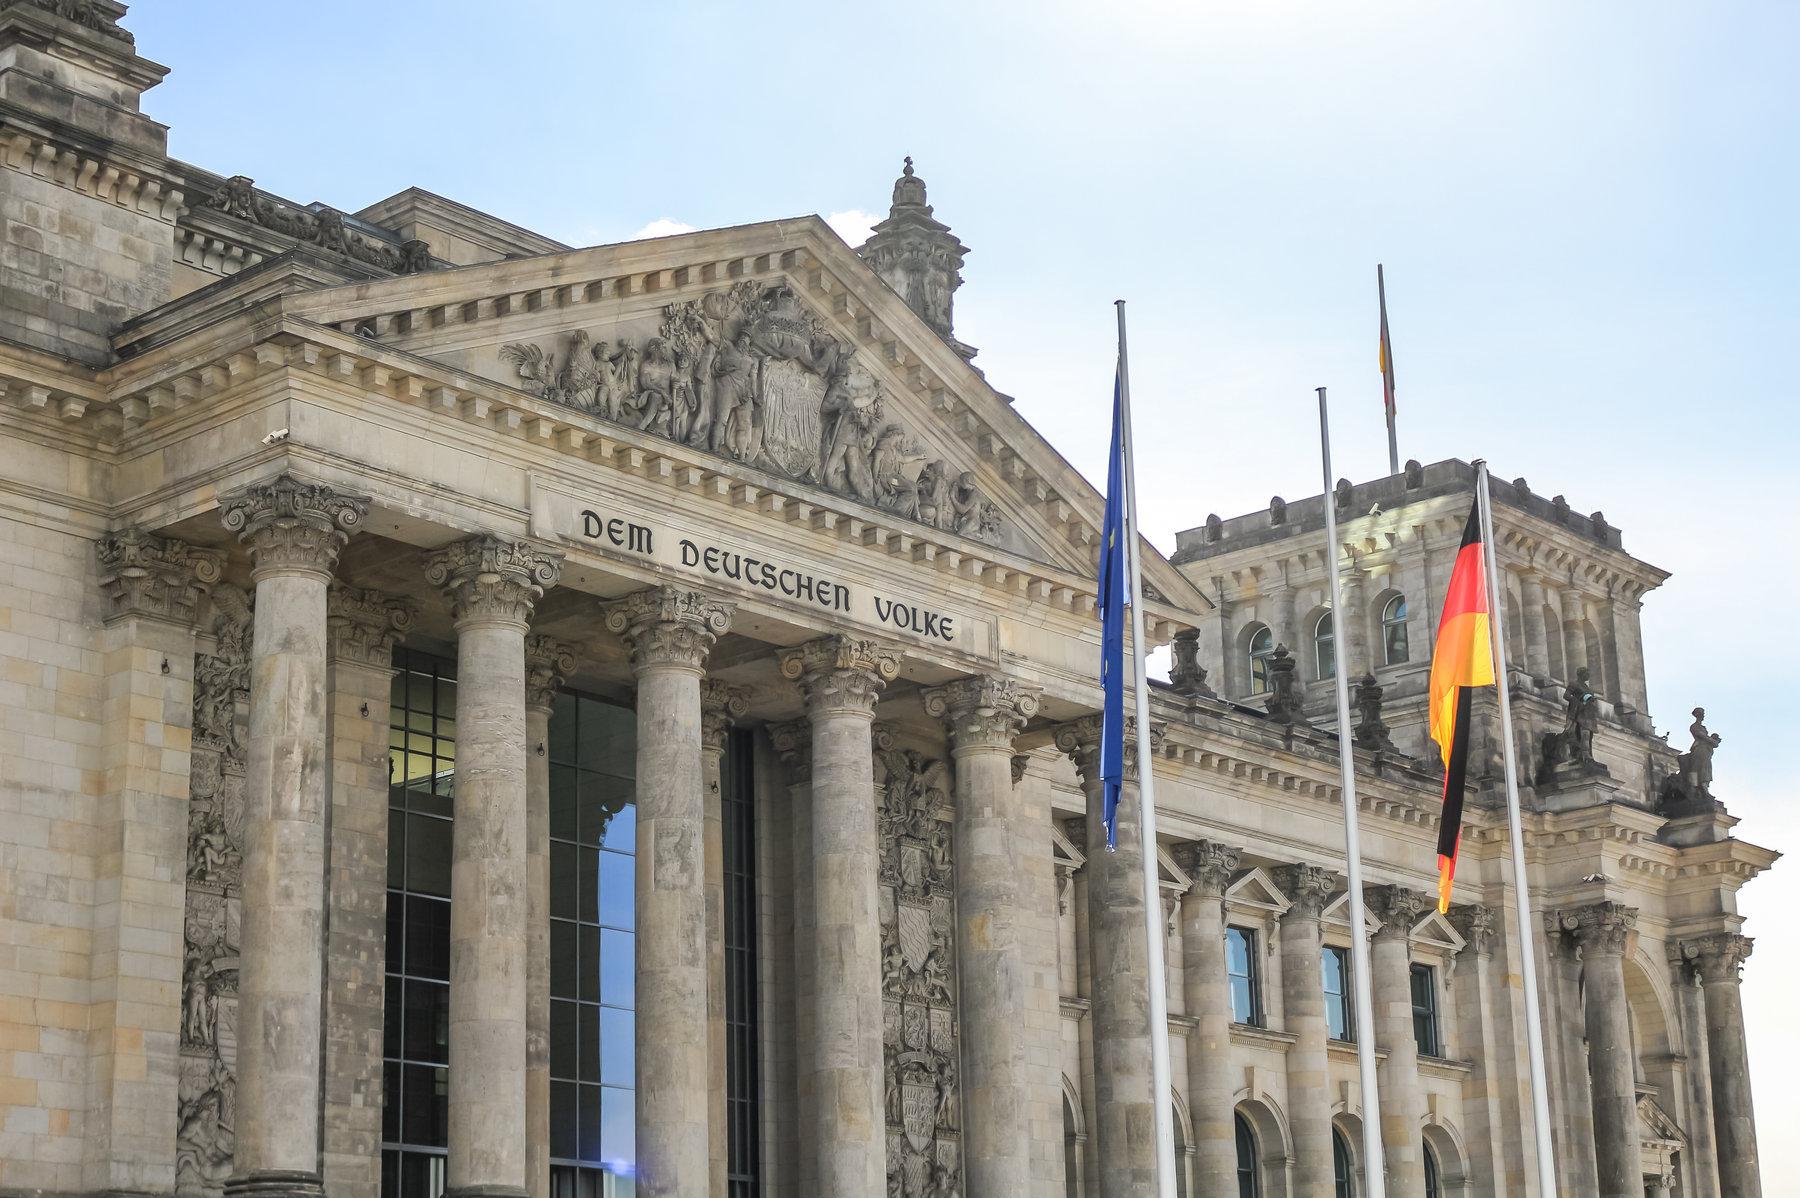 berlin_reichstag_bundestag_demdeutschenvolke_volk_deutschland